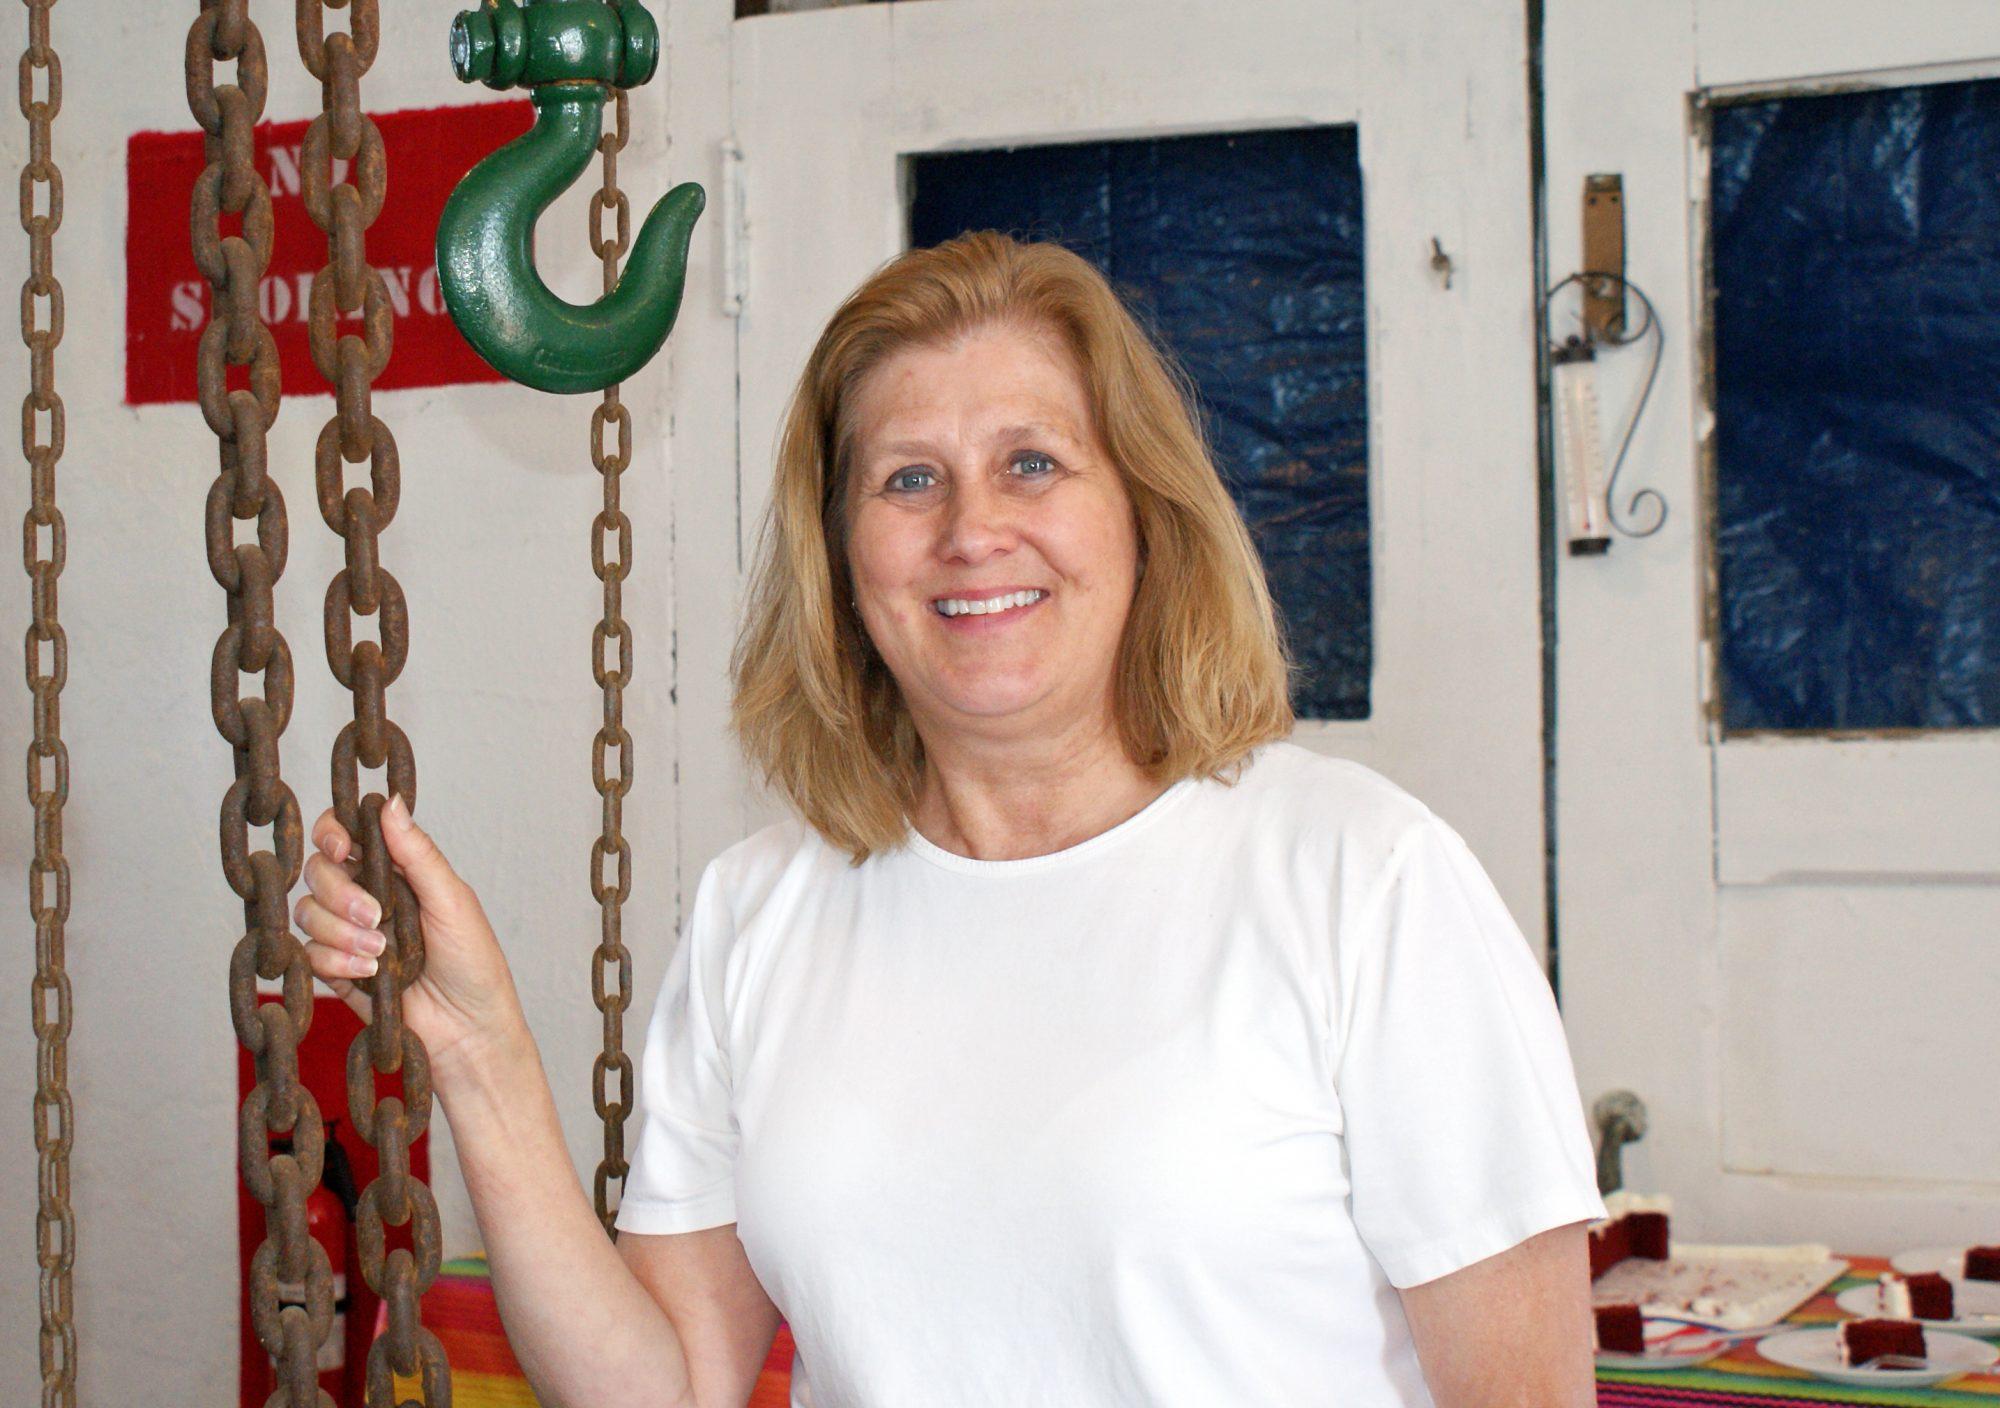 Sheila Consaul